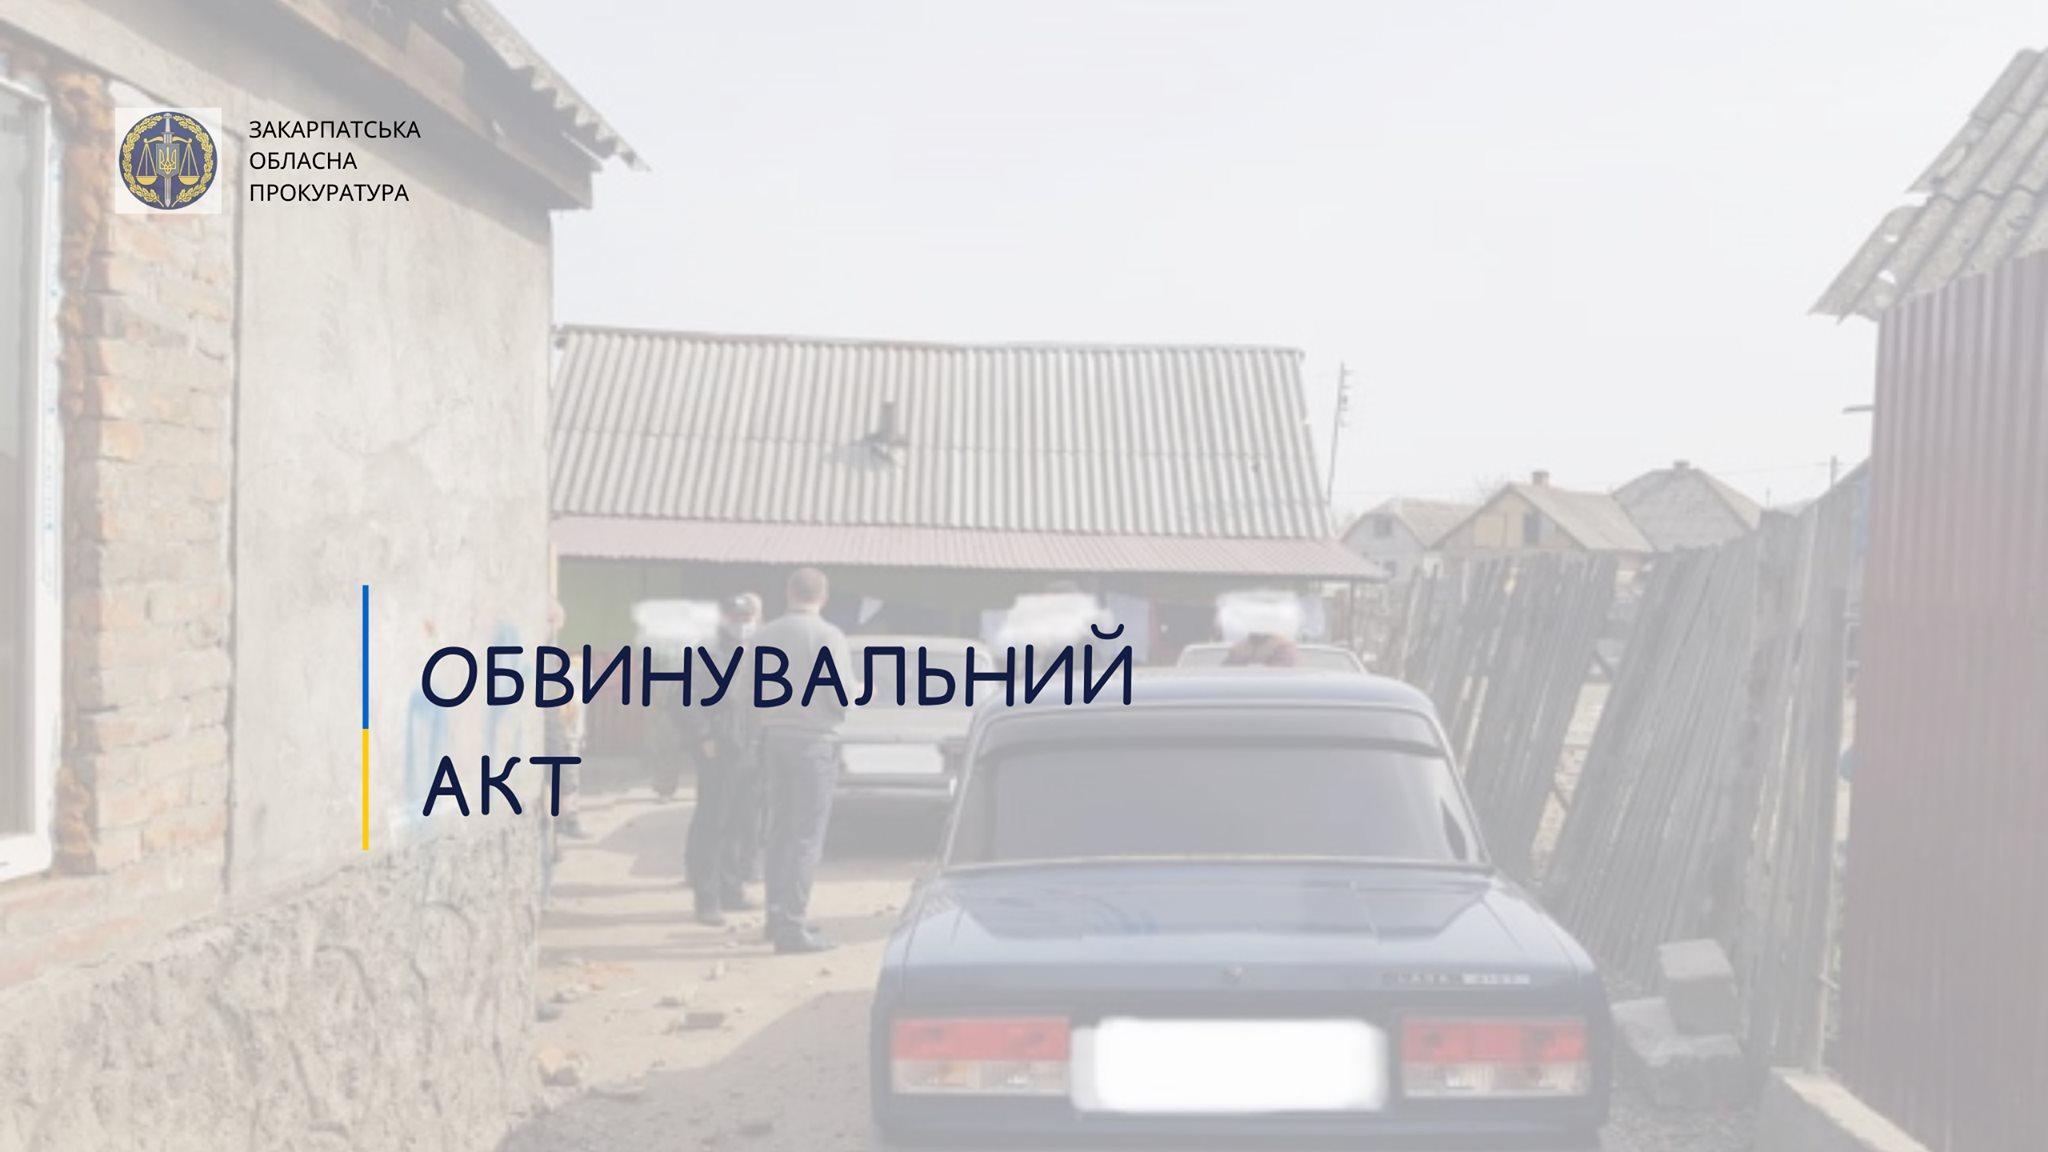 Прокурорами Берегівської місцевої прокуратури затверджено і скеровано до суду обвинувальний акт стосовно осіб, які зчинили масову бійку в Берегові у квітні 2020 року.